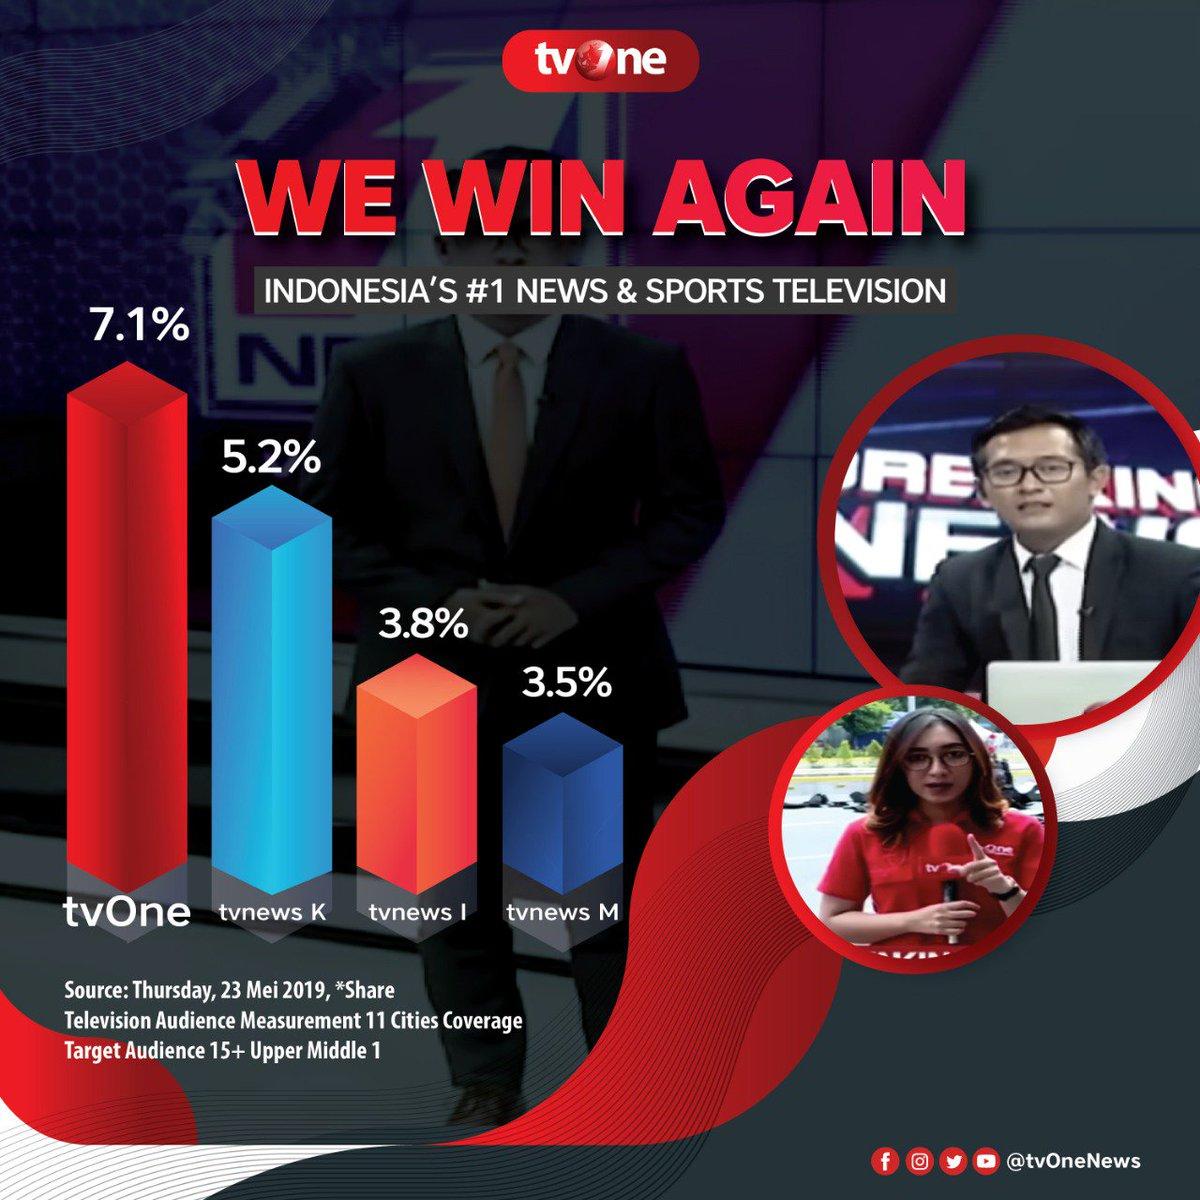 We win again! Indonesia's 1 news & sports television.Berkat kesetiaan pemirsa, tvOne kembali menjadi tv utama pilihan pemirsa di berita dan olahraga.Saksikan terus program tvOne untuk dapatkan update beritanya #tvOneNews